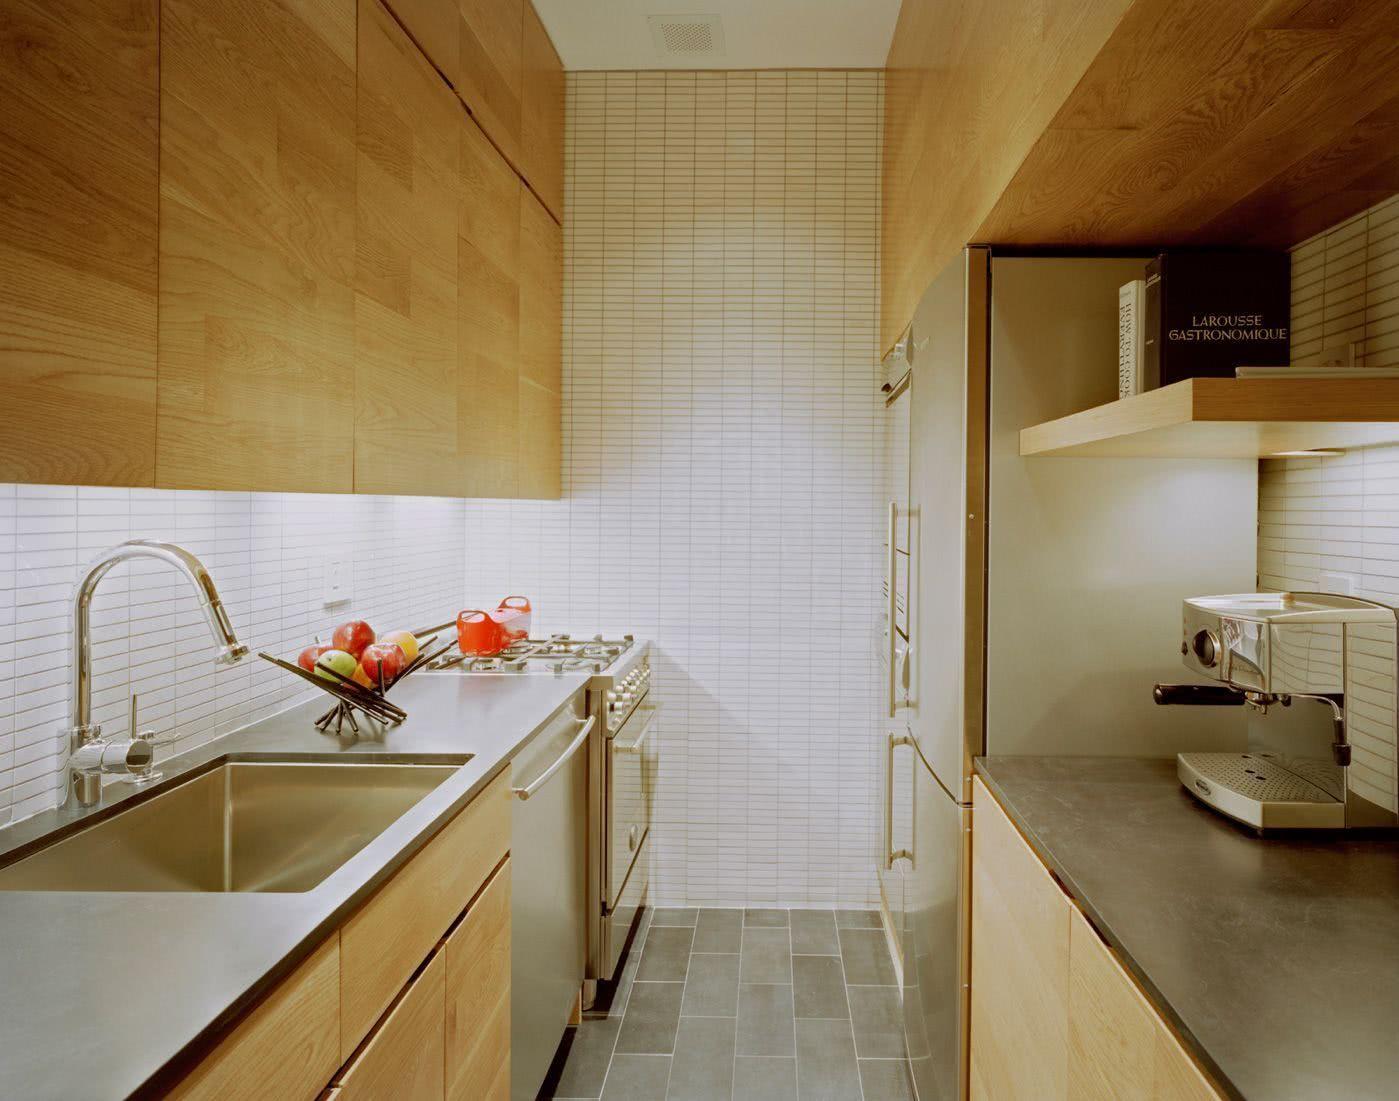 Cozinhas Pequenas E Modernas Imagens Fotos Cozinhas Projetadas